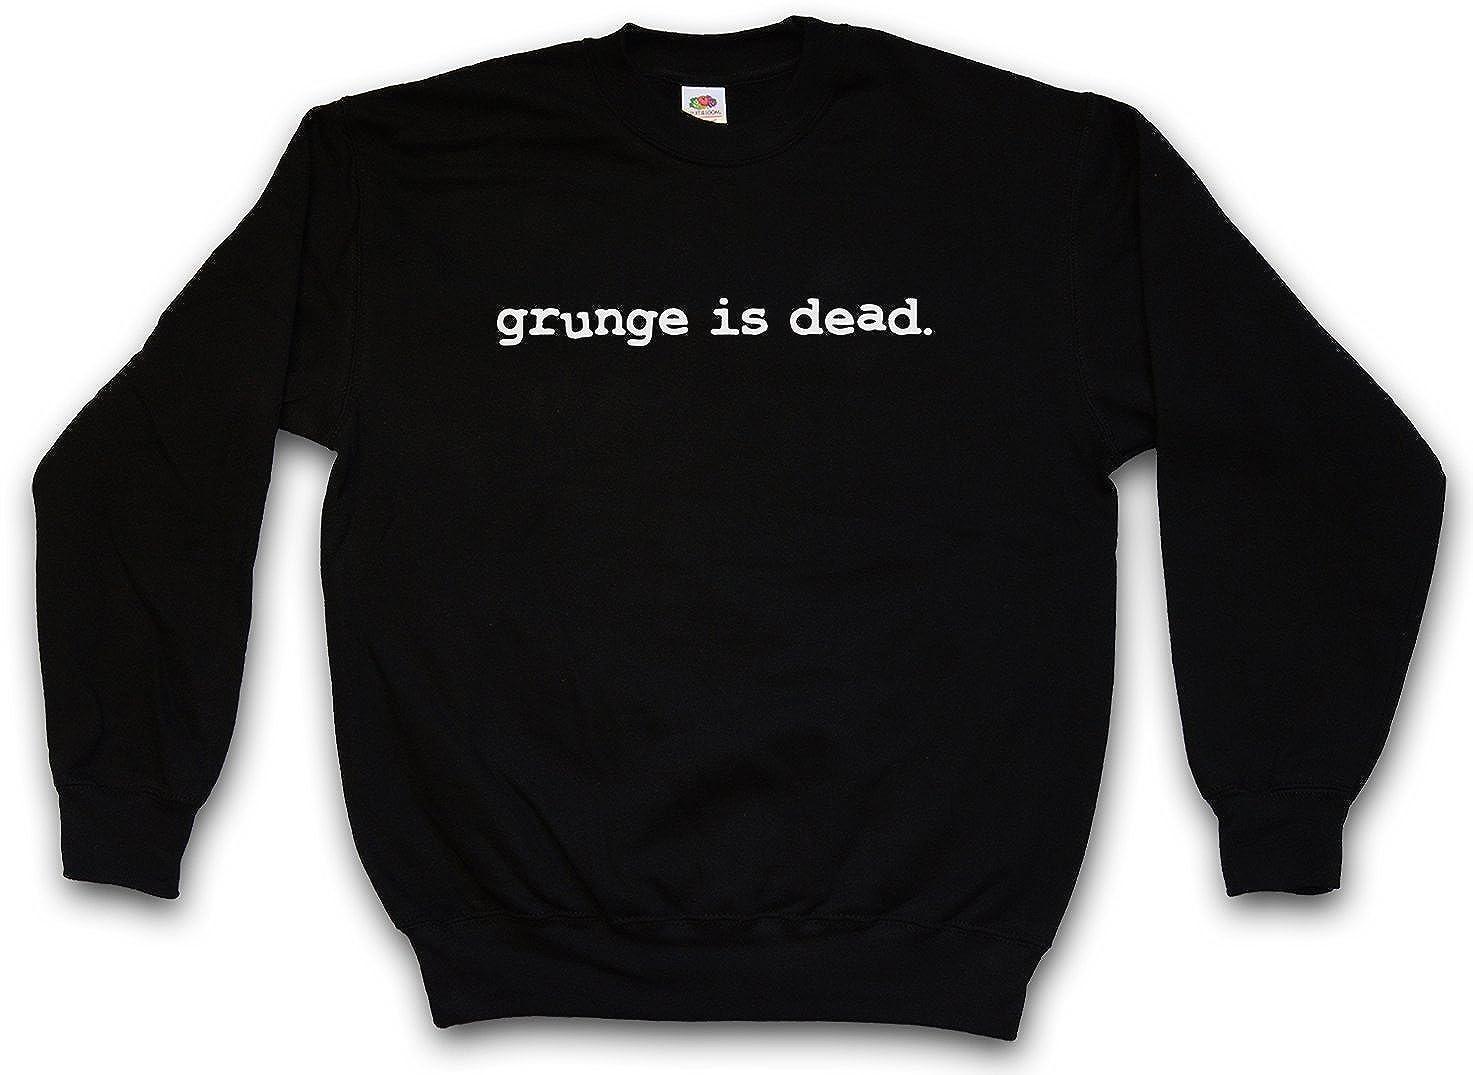 Kurt Black Nevermind Cobain Rock RIP Nirvana T-Shirt Gr/ö/ßen S 3XL Grunge is Dead Sweatshirt Pullover